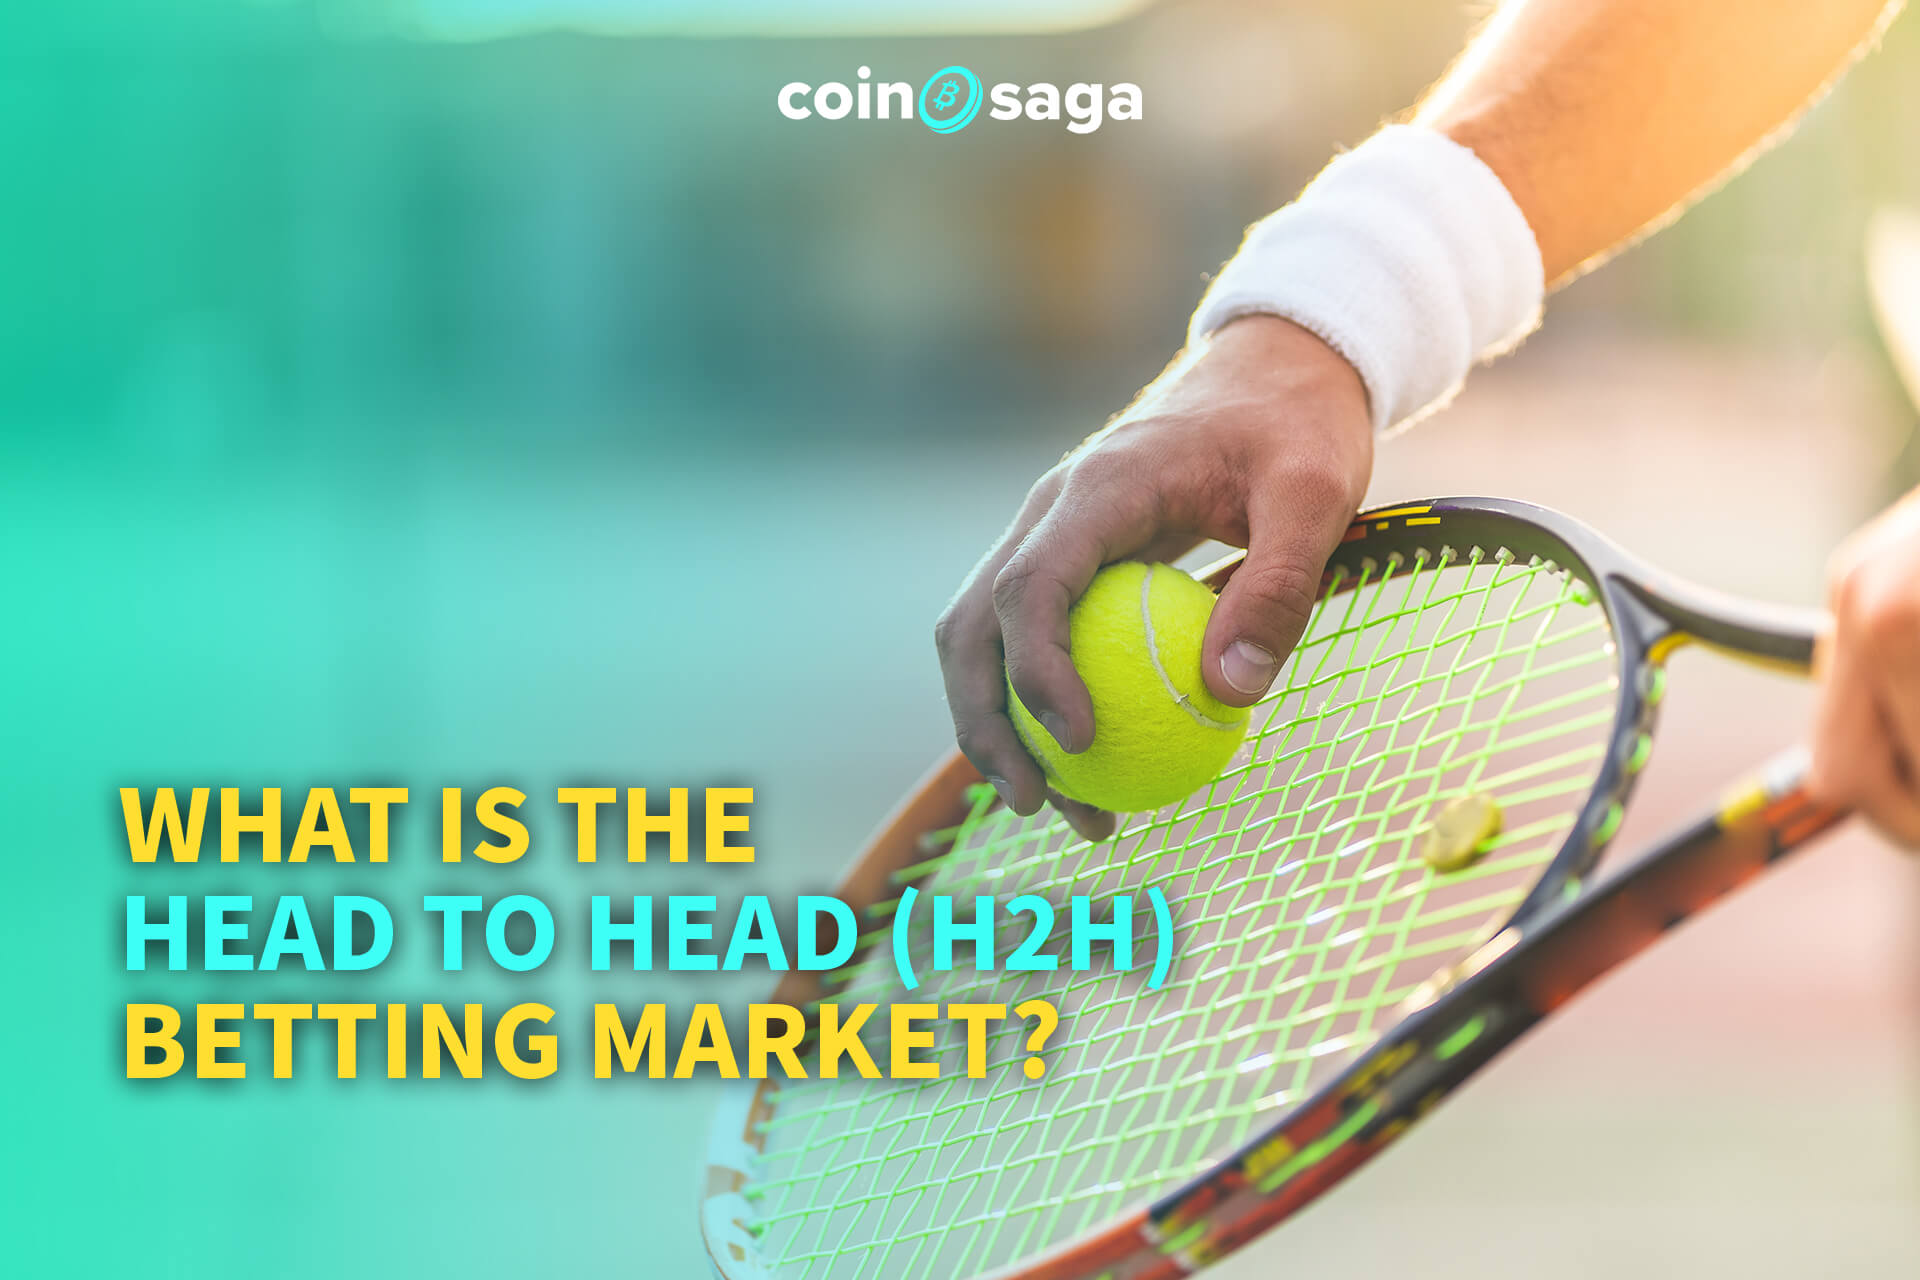 head to head betting market